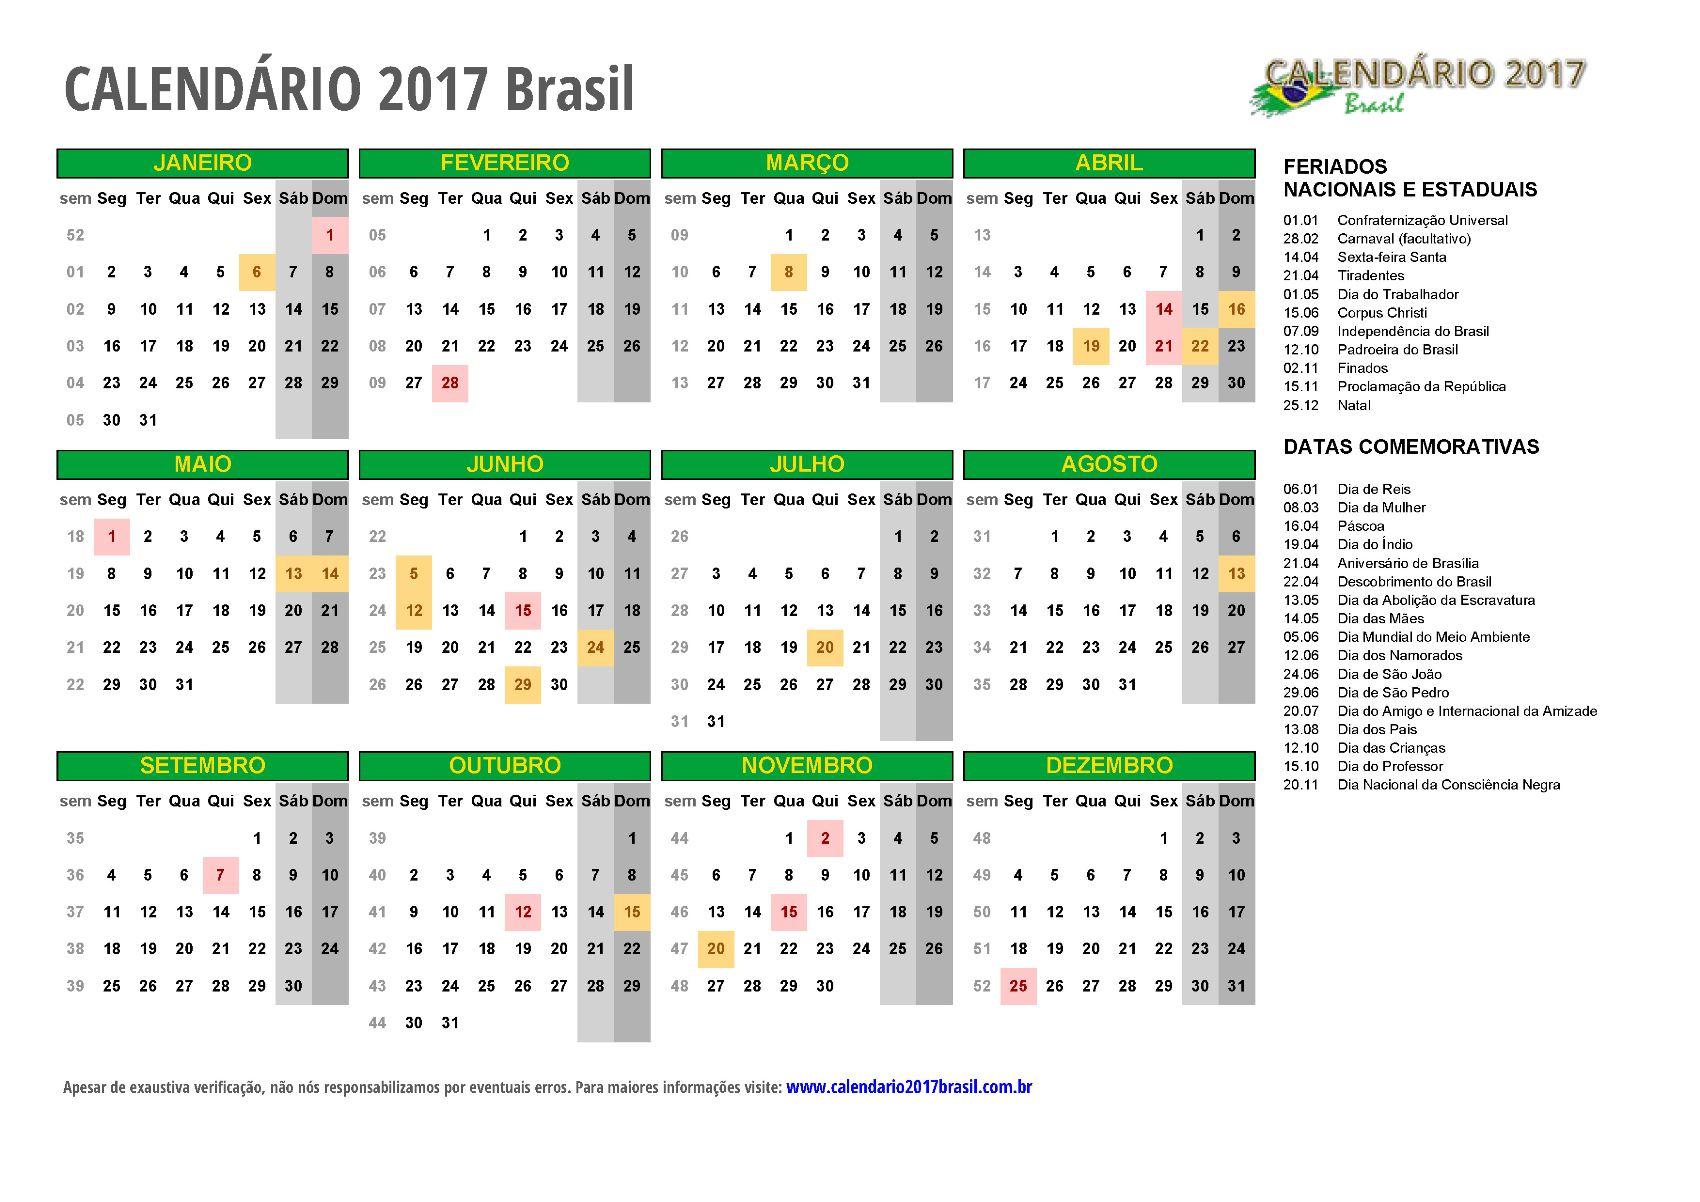 Calendário 2017 para imprimir – Brasil e todos os estados